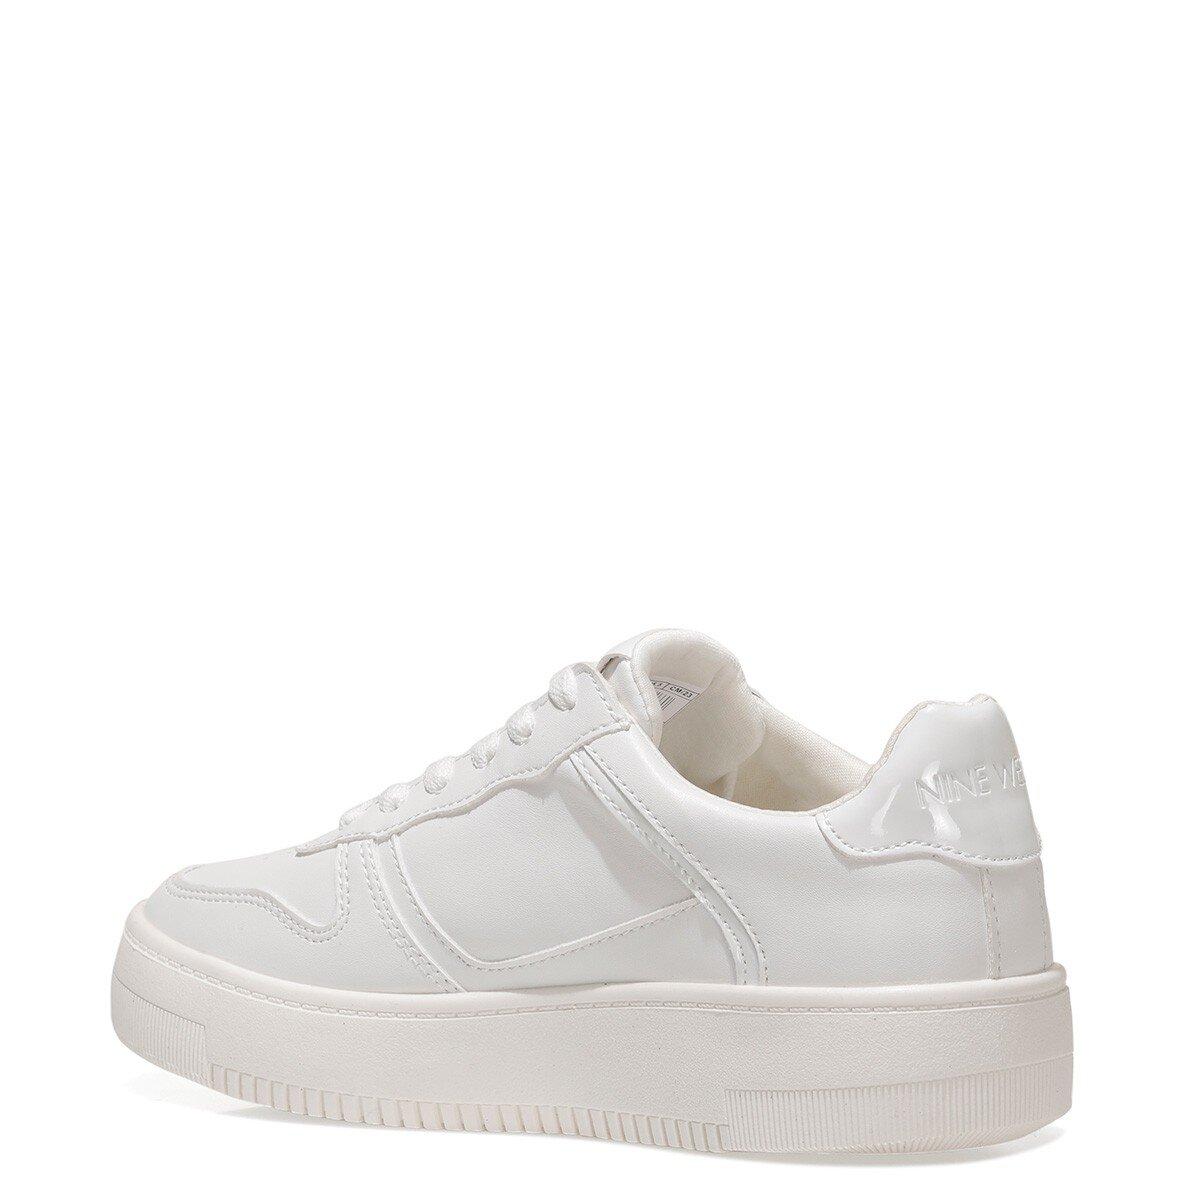 MOSHPIT3 1FX Beyaz Kadın Spor Ayakkabı